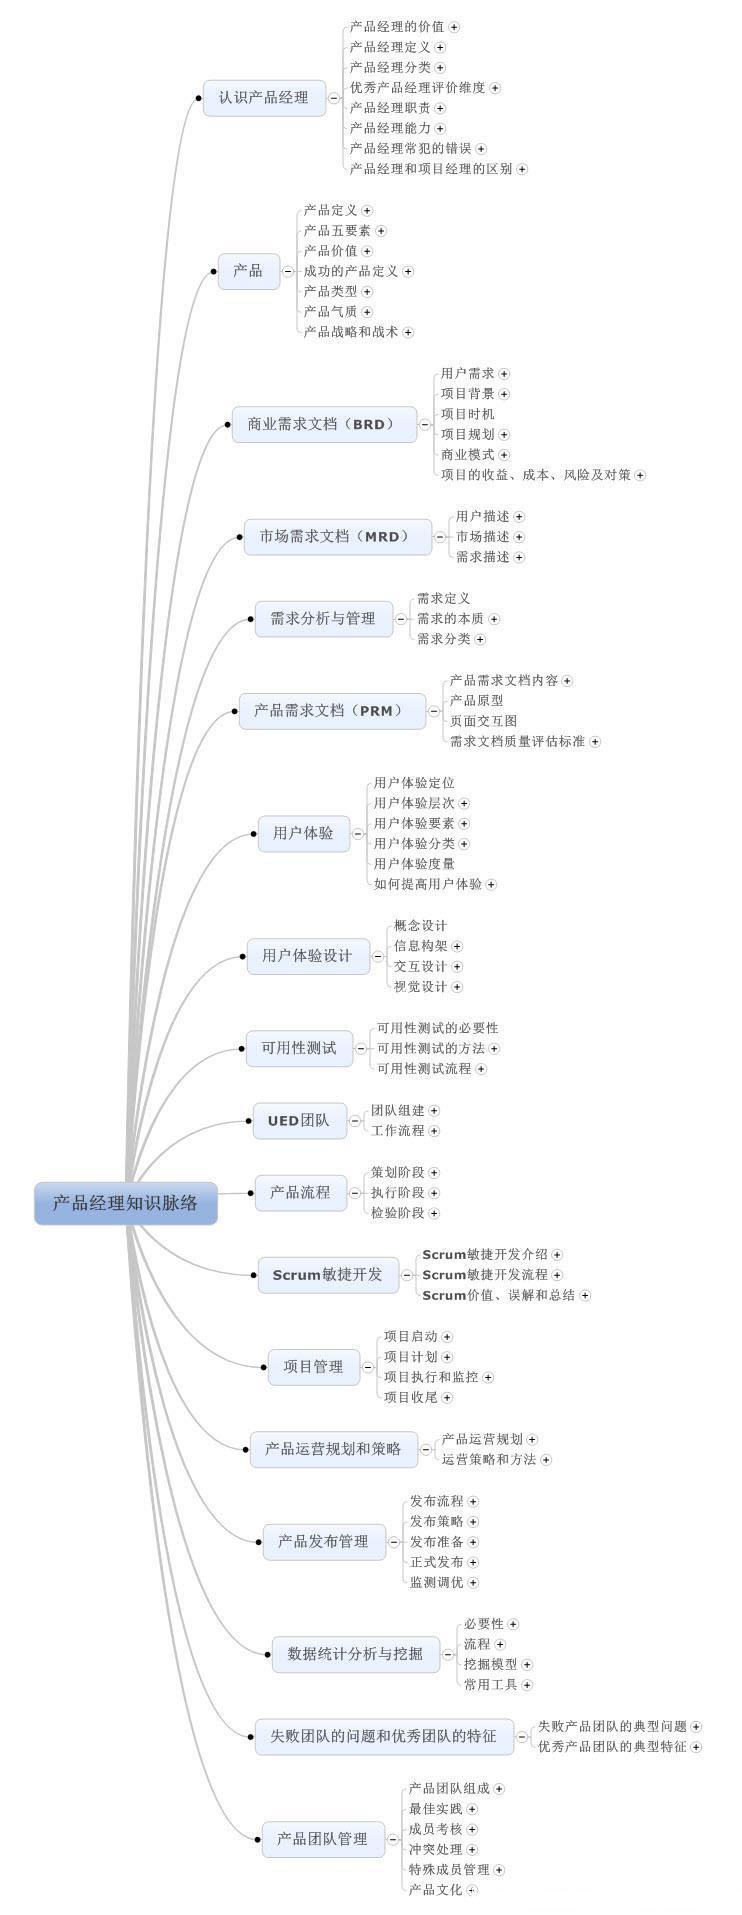 产品经理知识结构思维导图